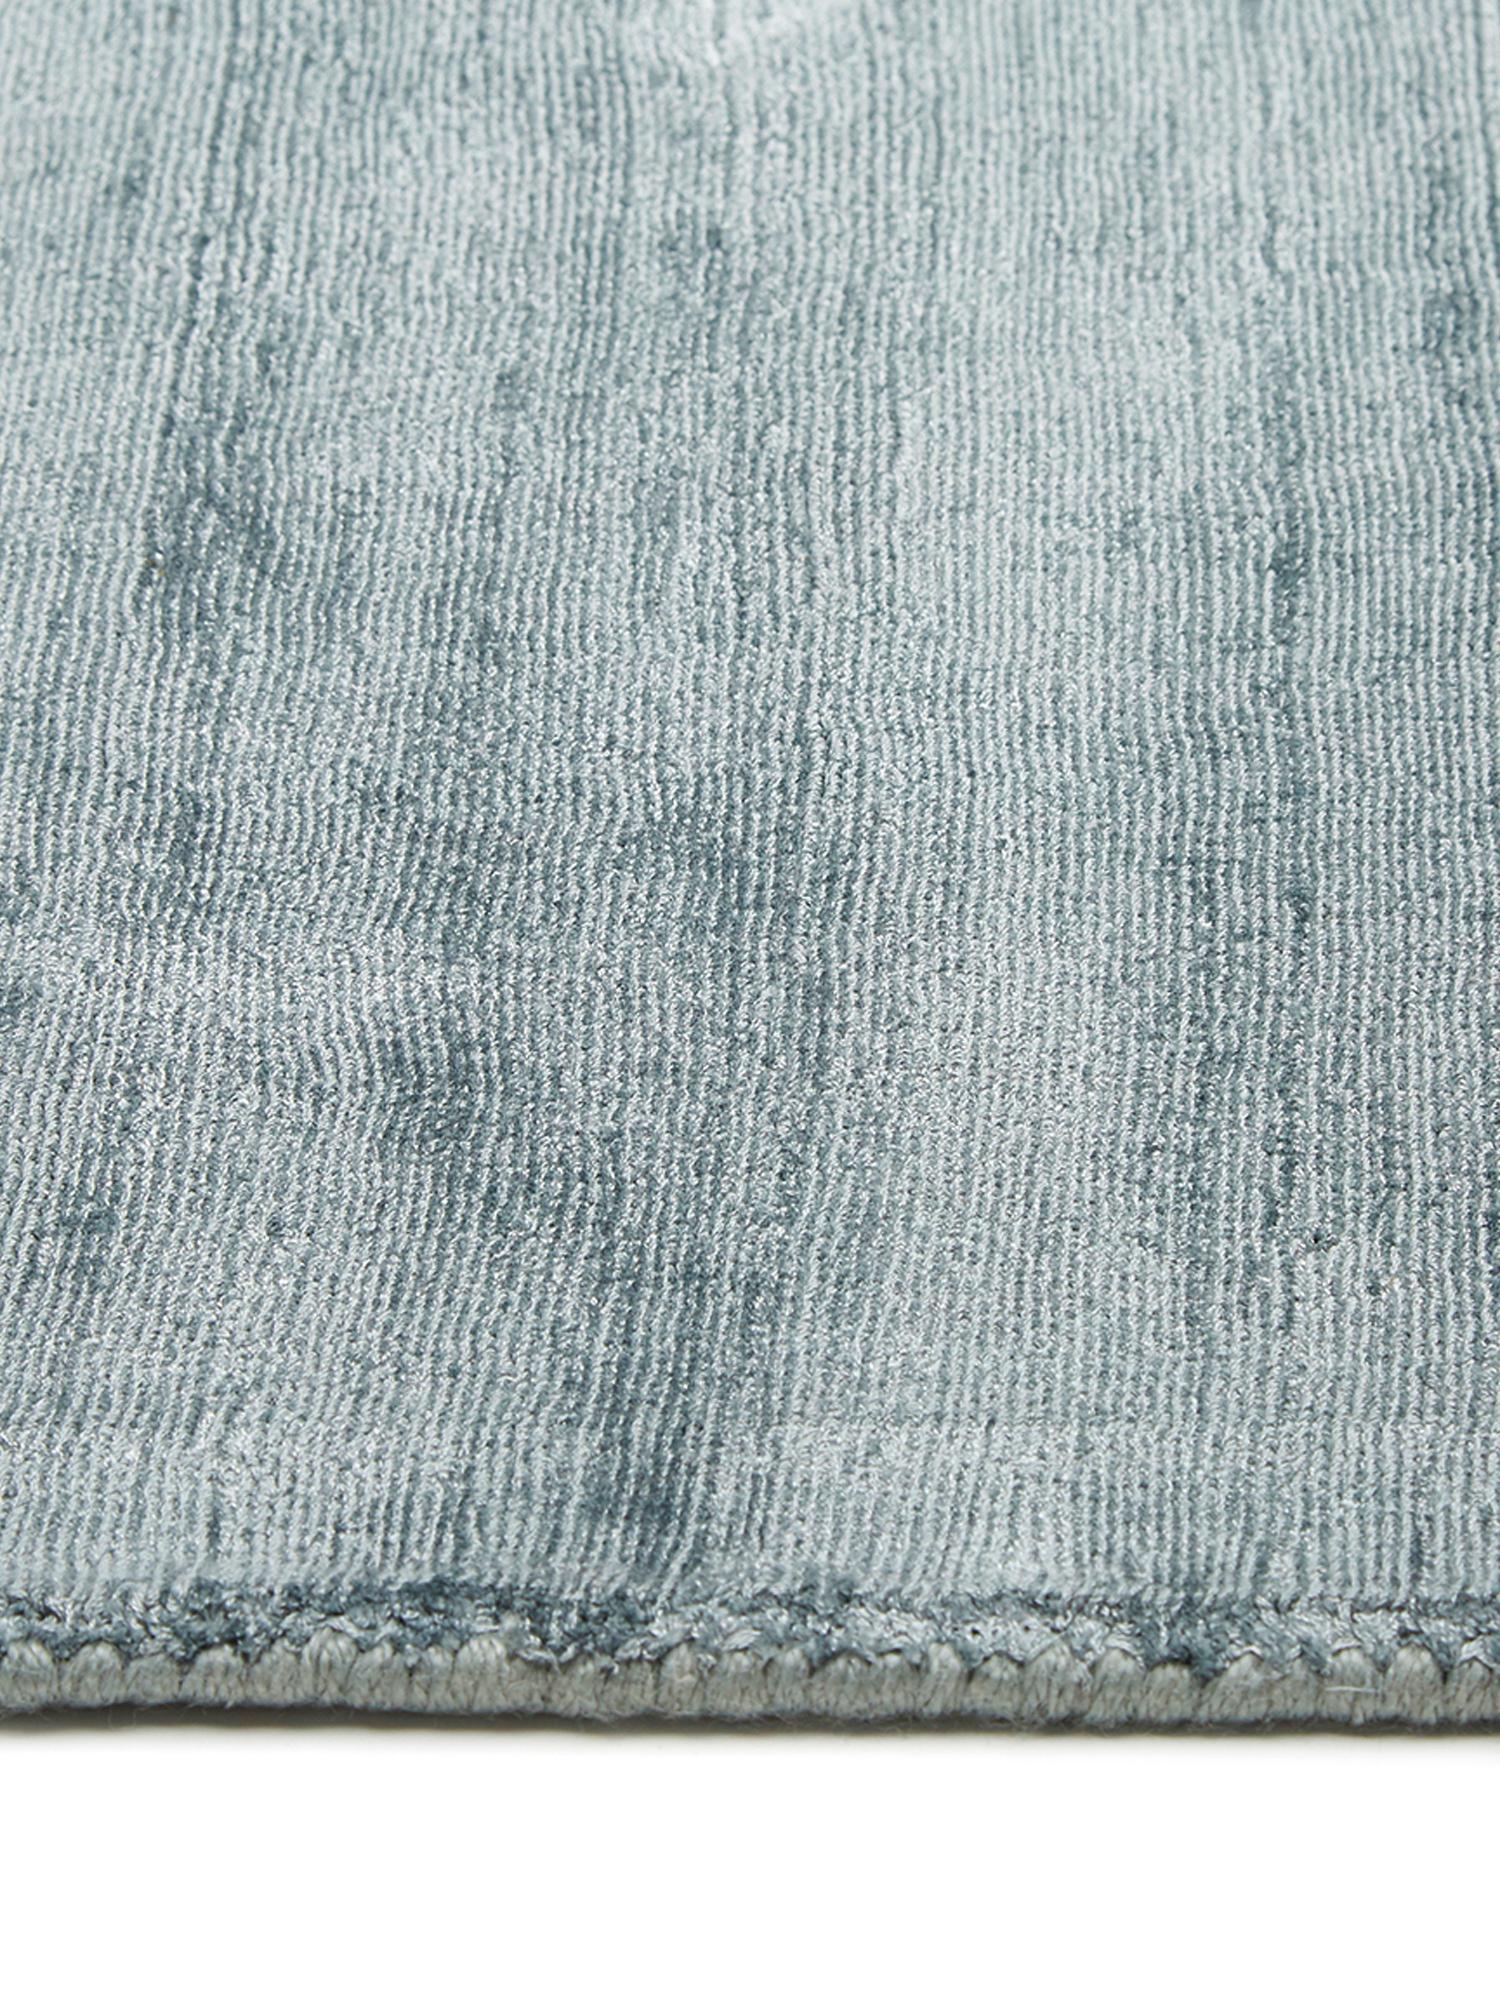 Handgeweven viscose vloerkleed Jane in ijsblauw, Bovenzijde: 100% viscose, Onderzijde: 100% katoen, IJsblauw, B 160 x L 230 cm (maat M)